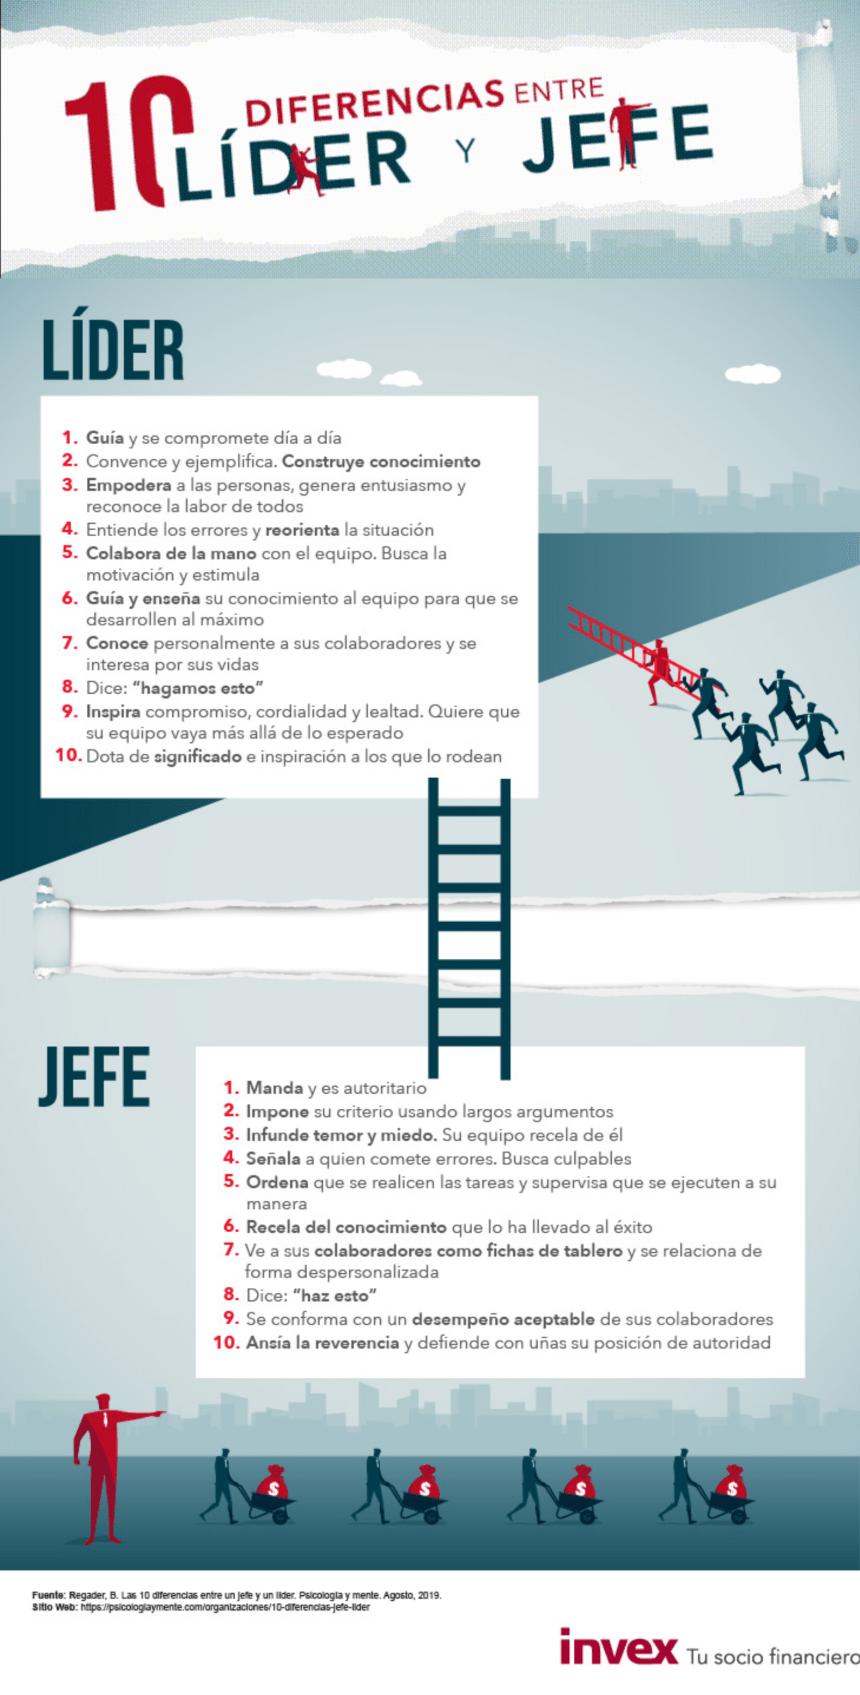 10 diferencias entre líder y jefe